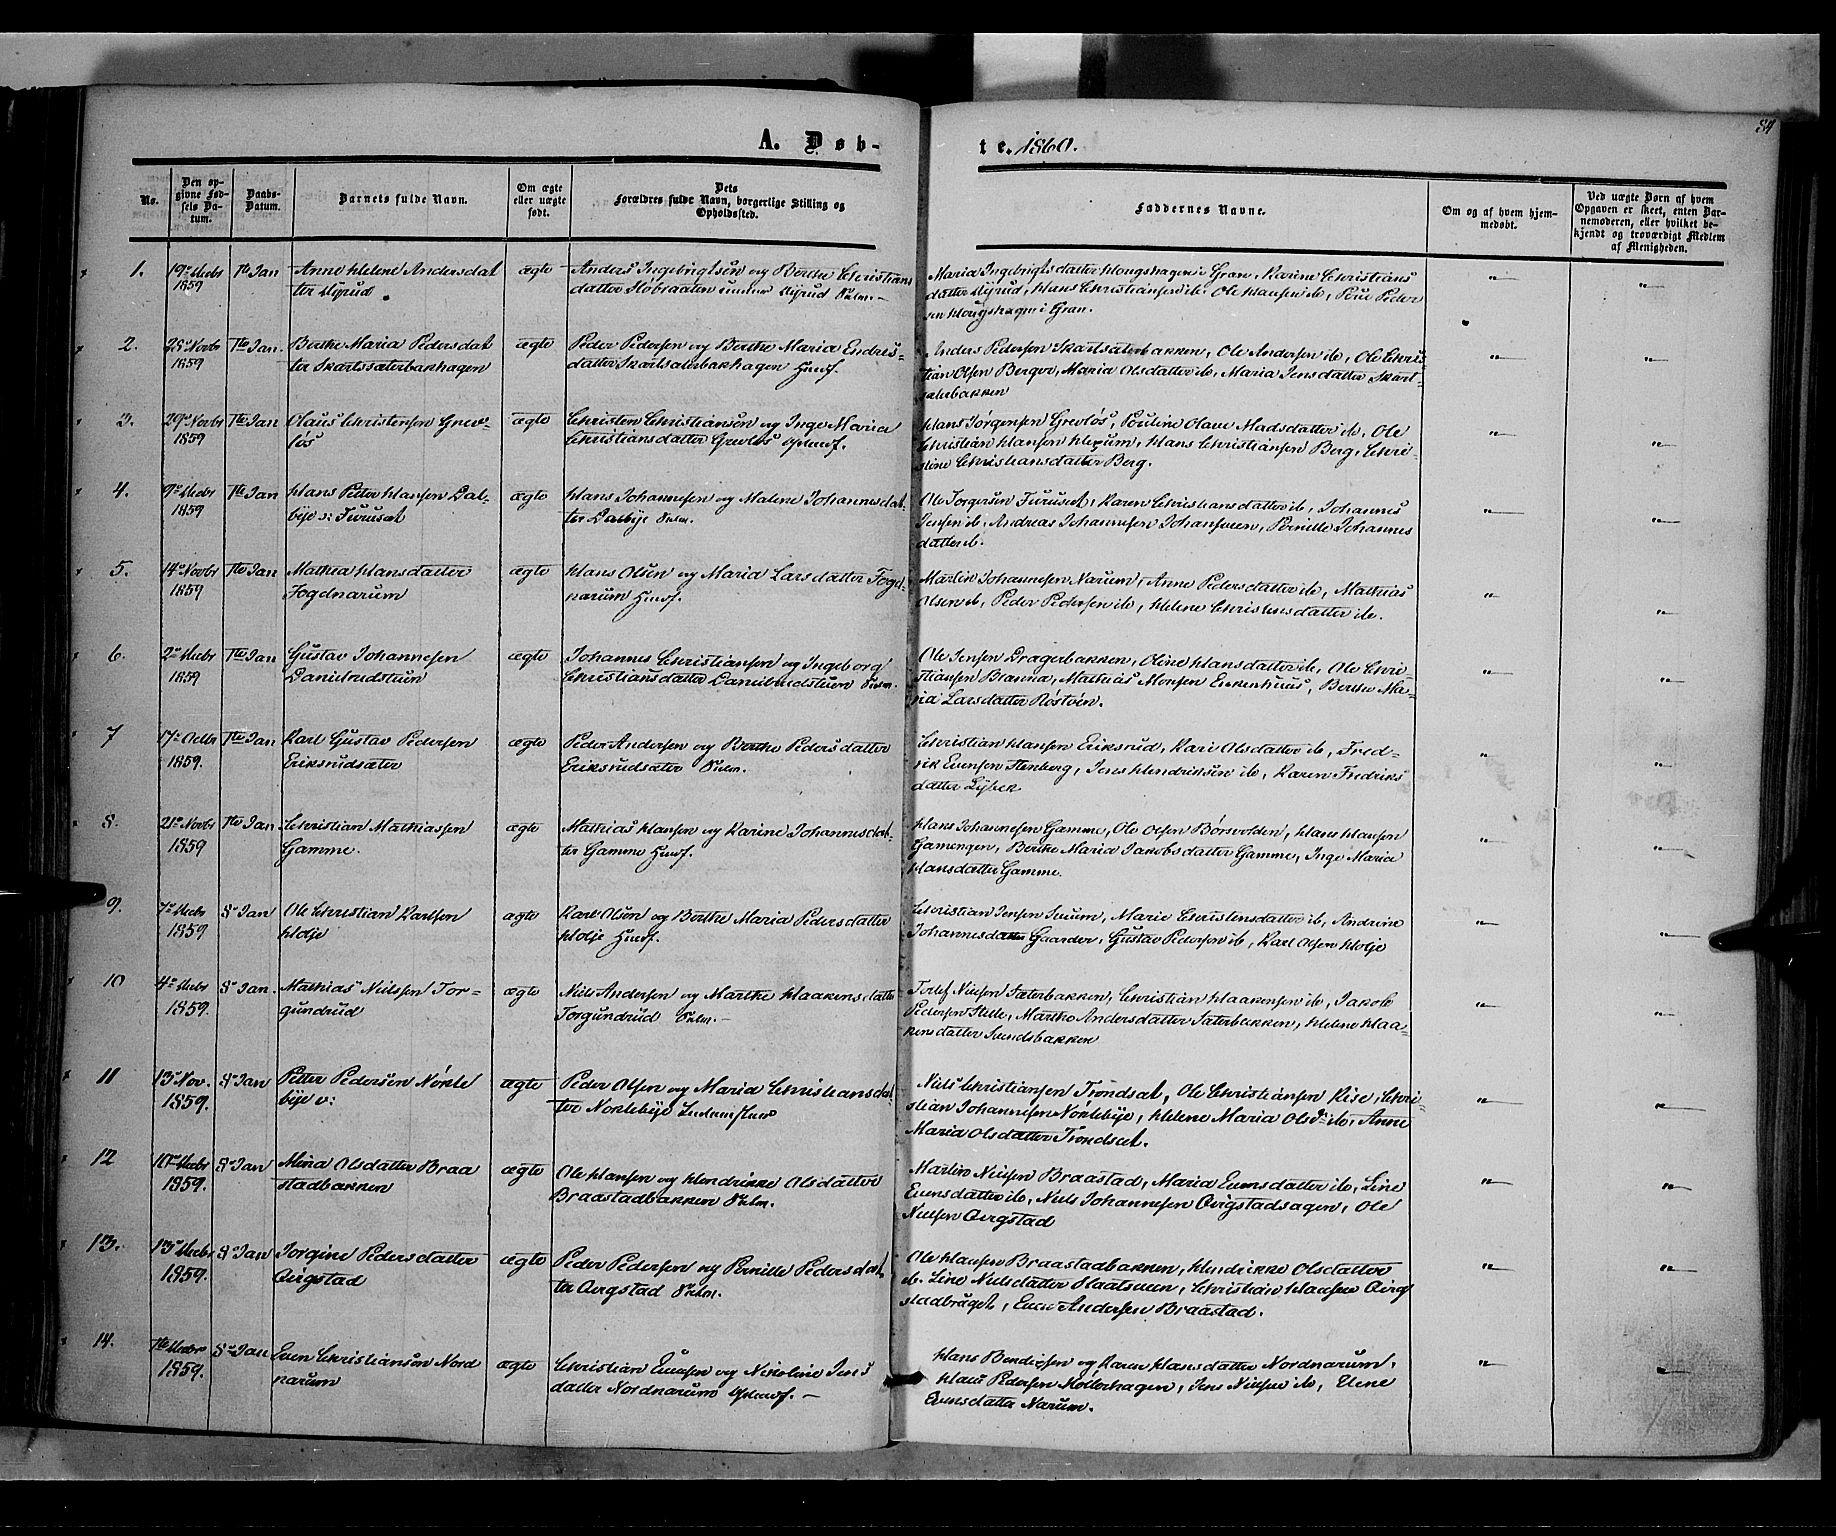 SAH, Vestre Toten prestekontor, Ministerialbok nr. 6, 1856-1861, s. 84